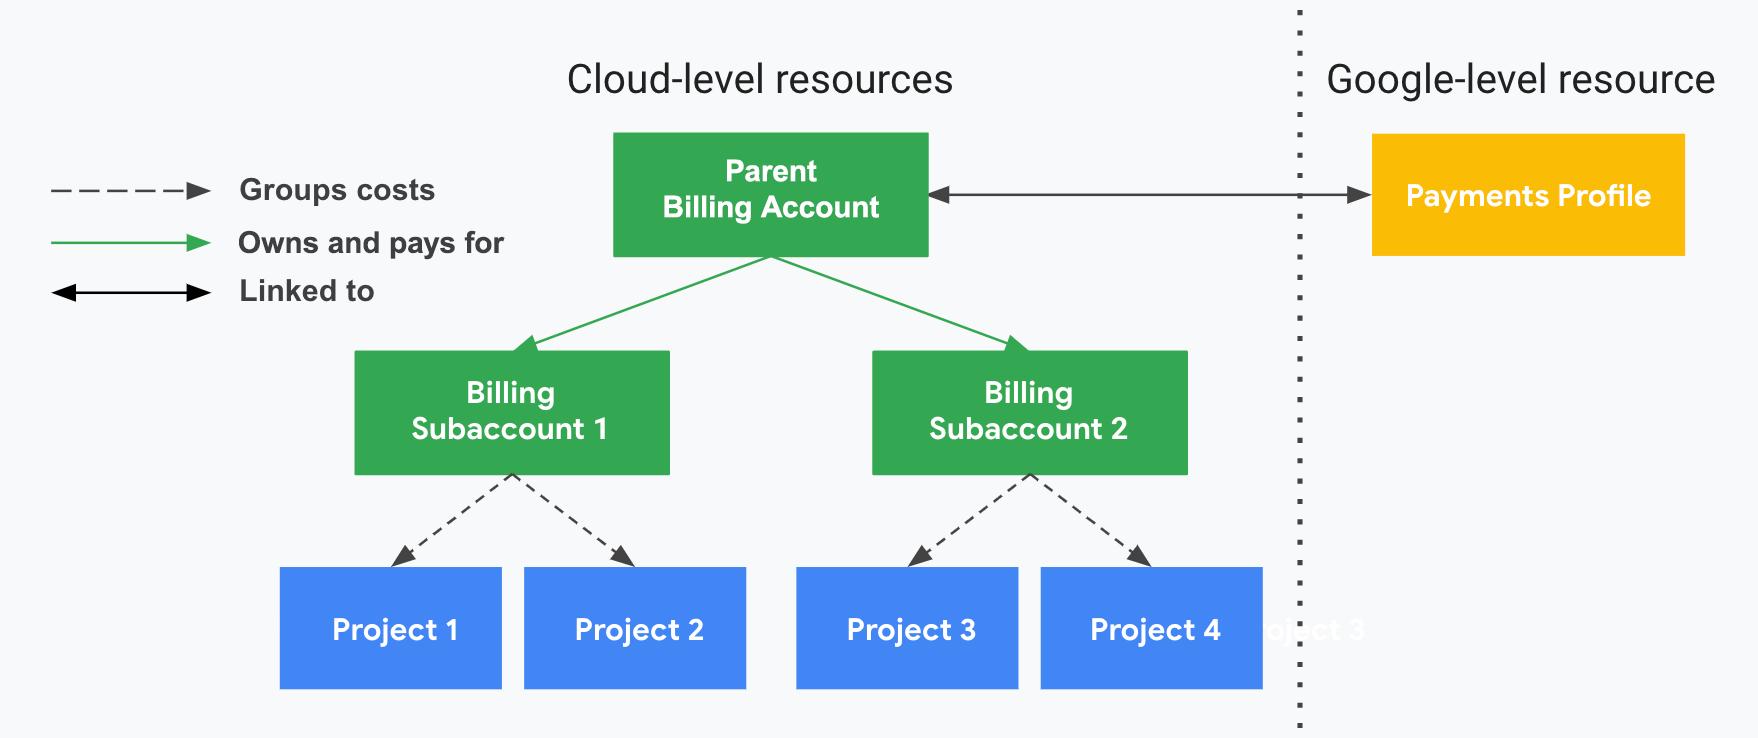 Illustre la relation entre les projets, les comptes CloudBilling et les sous-comptes CloudBilling, ainsi que votre profil de paiement. Un côté affiche vos ressources au niveau du cloud (compte CloudBilling, sous-comptes et projets associés) et l'autre, divisé par une ligne pointillée verticale, affiche votre ressource Google (profil de paiement). Les coûts d'utilisation du projet sont regroupés et sous-totalisés par les sous-comptes de facturation Cloud associés. Les sous-comptes sont payés par le compte de facturation Cloud parent du revendeur, associé à votre profil de paiement.